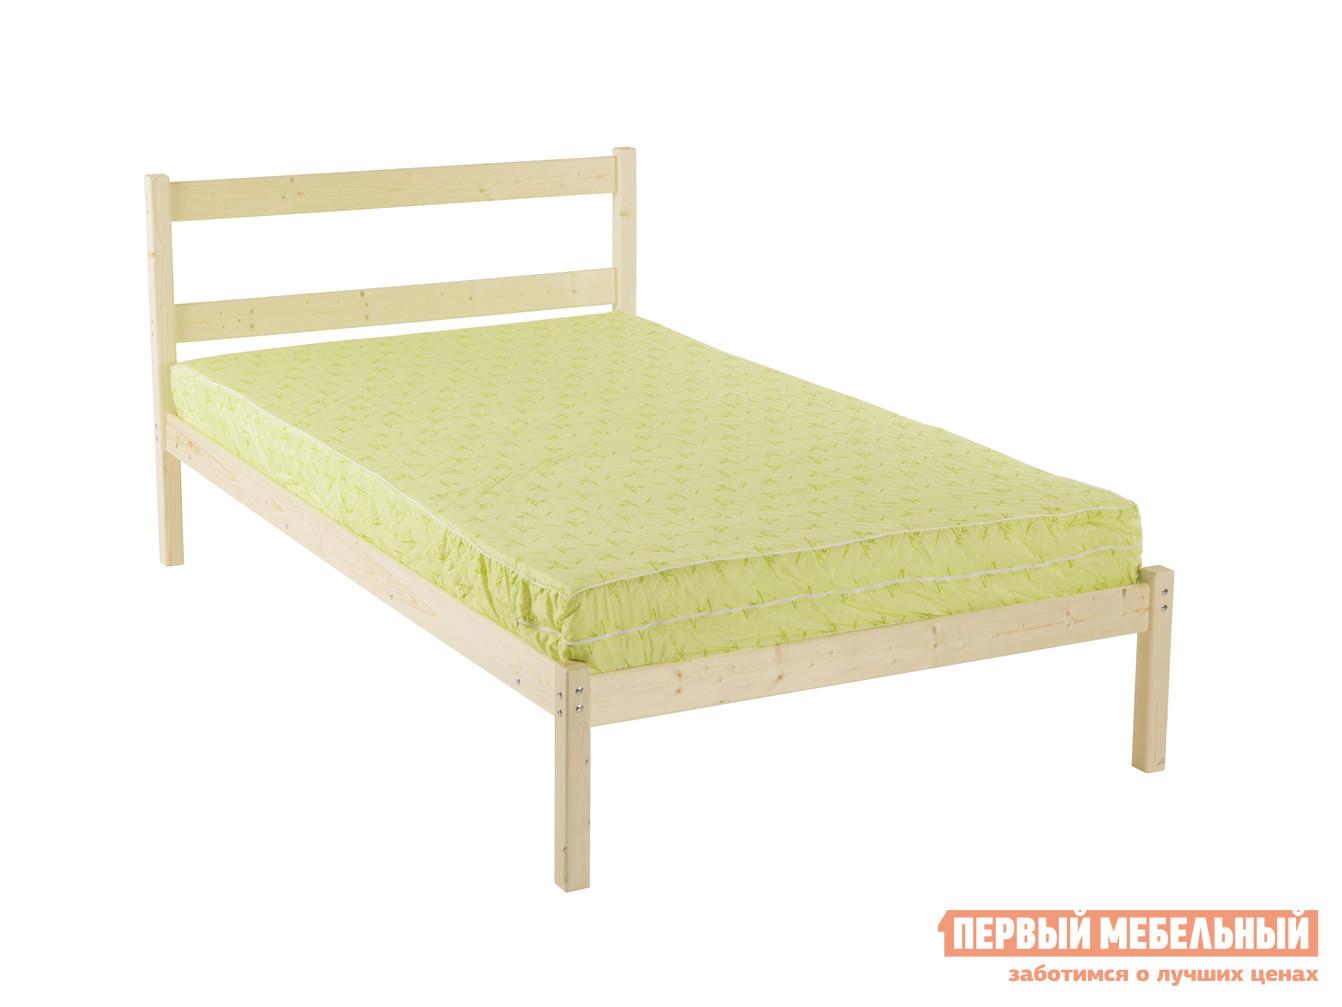 Полутороспальная кровать Green Mebel Кровать одноярусная Т1 1400 Х 2000 мм, Натуральный